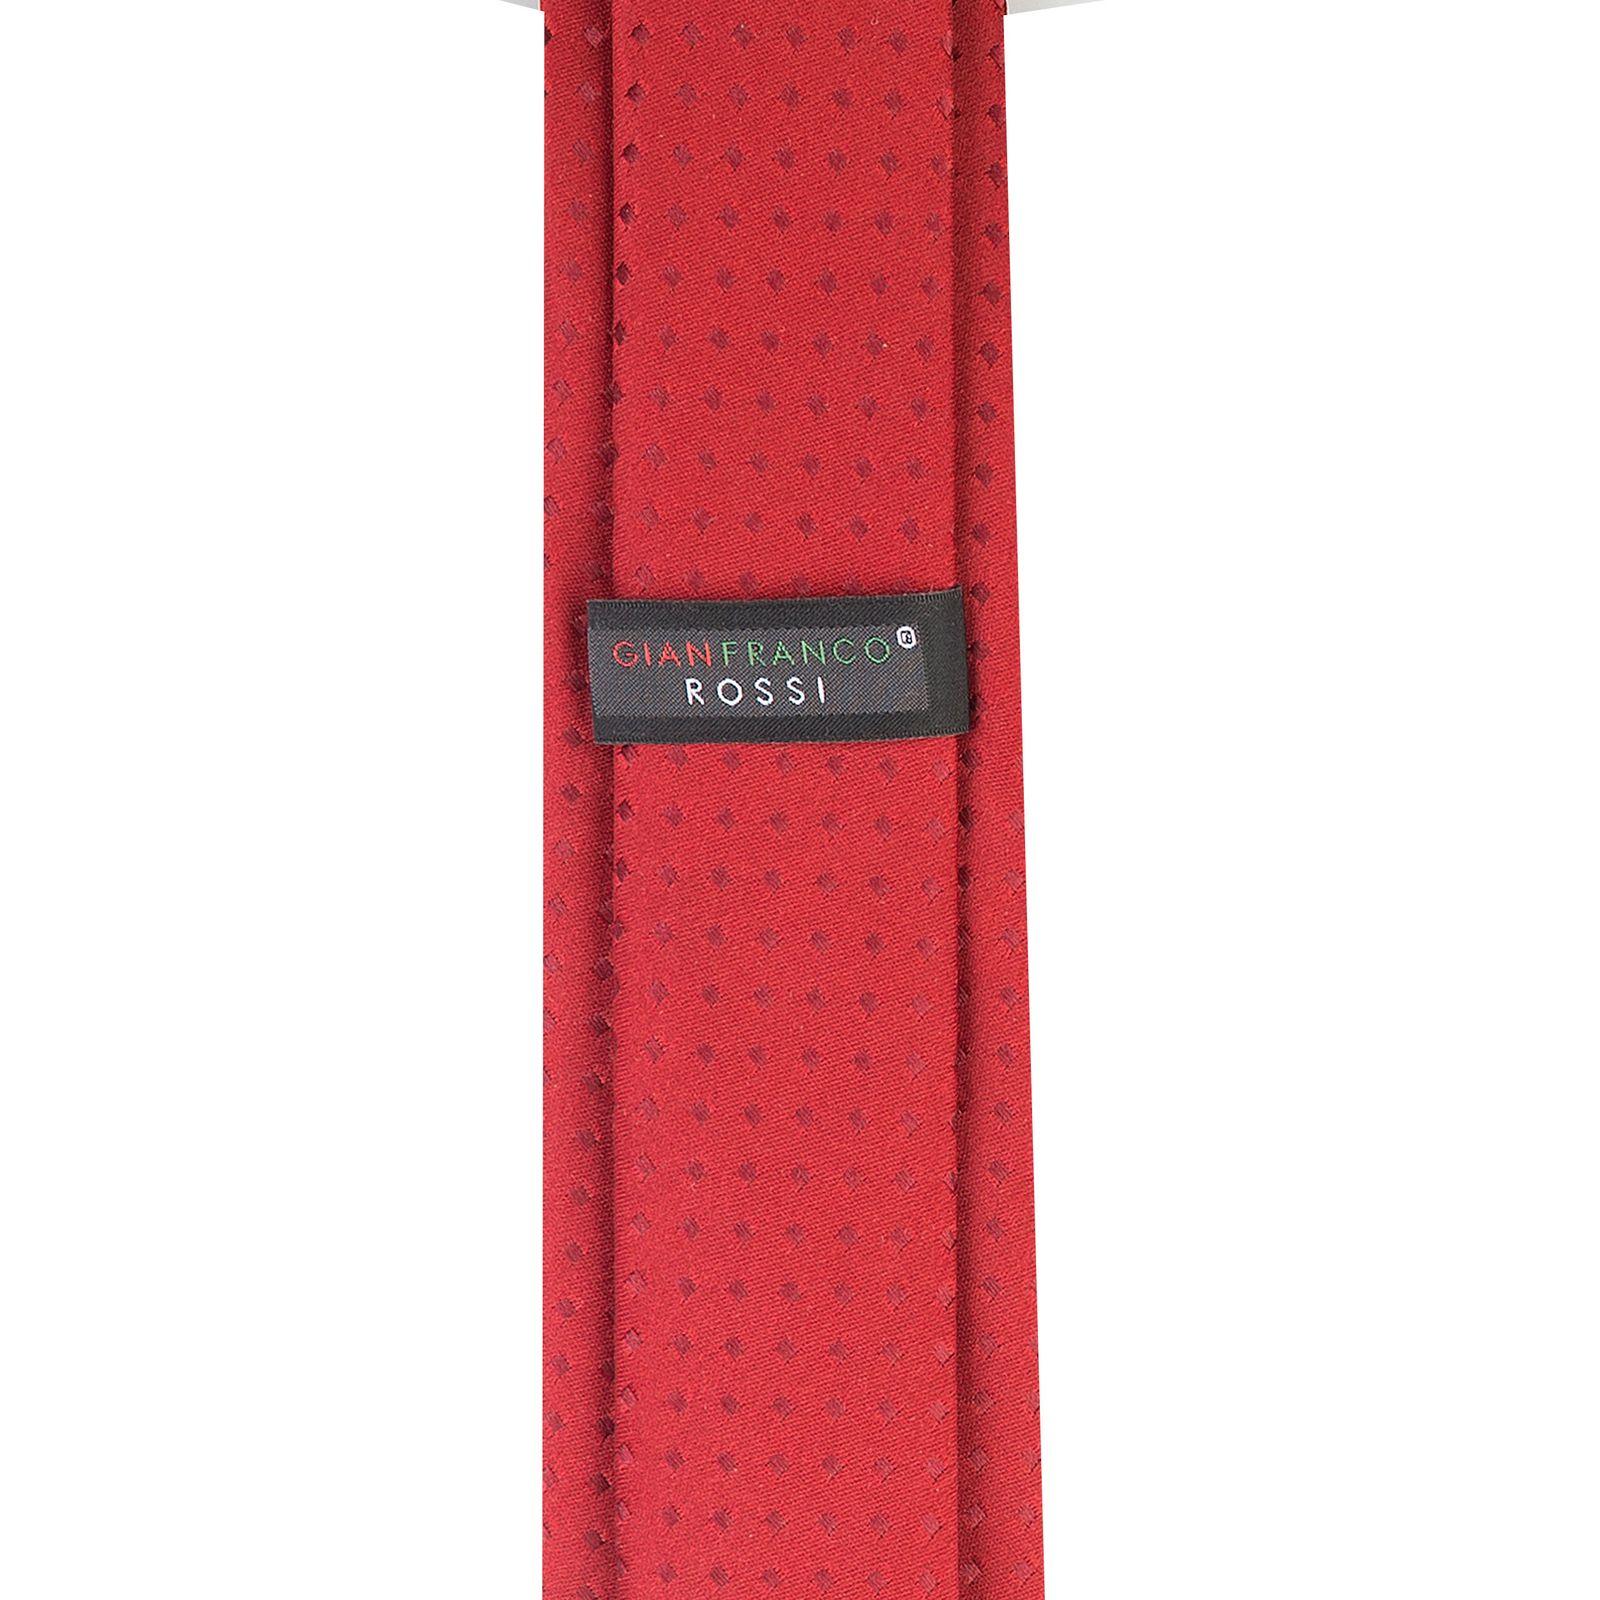 ست کراوات و دستمال جیب و گل یقه کت مردانه جیان فرانکو روسی مدل GF-PO229-BE -  - 3